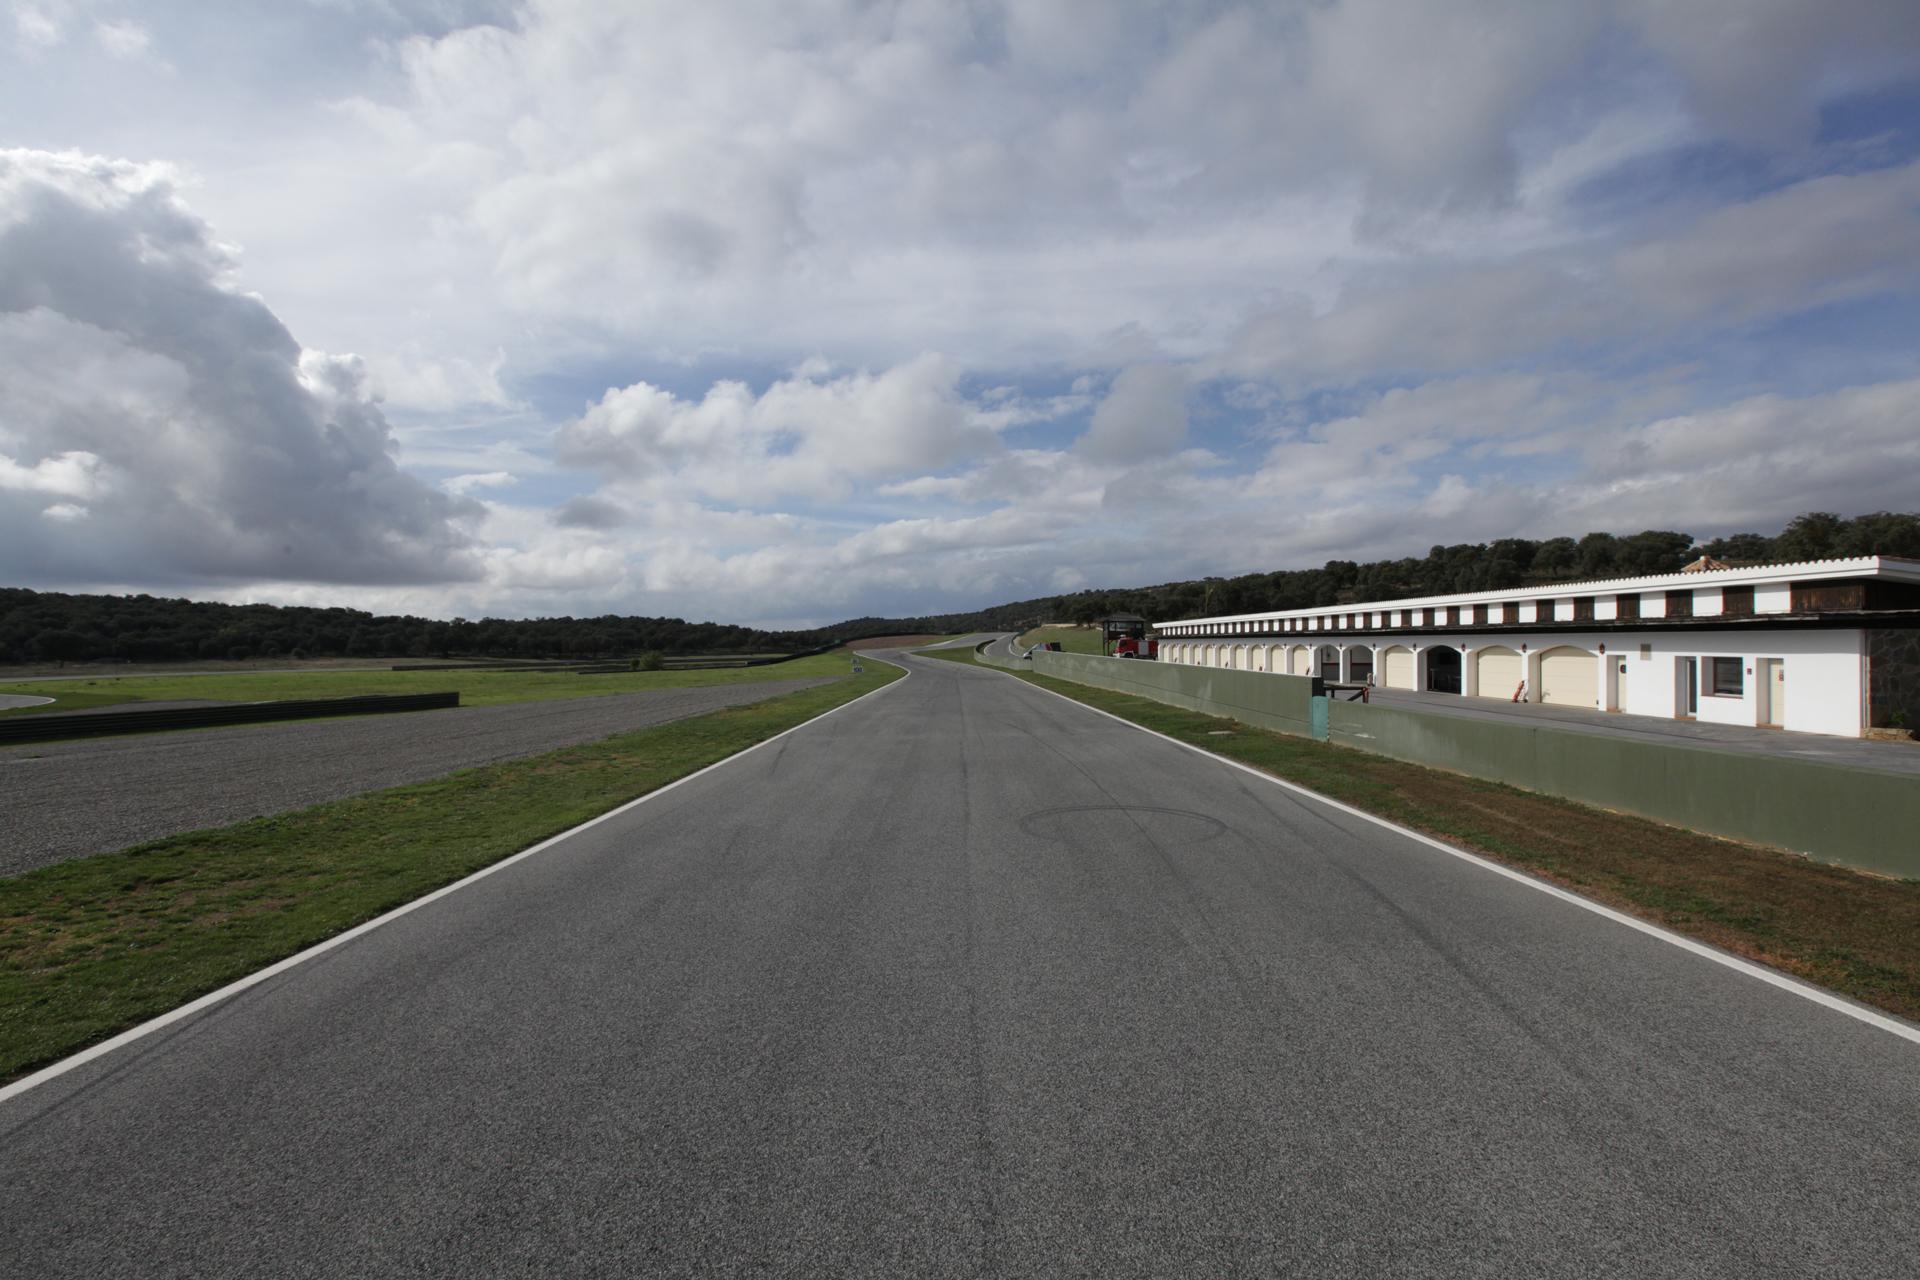 Foto de Comparativa Ronda y Ascari en Gran Turismo 6 (4/26)